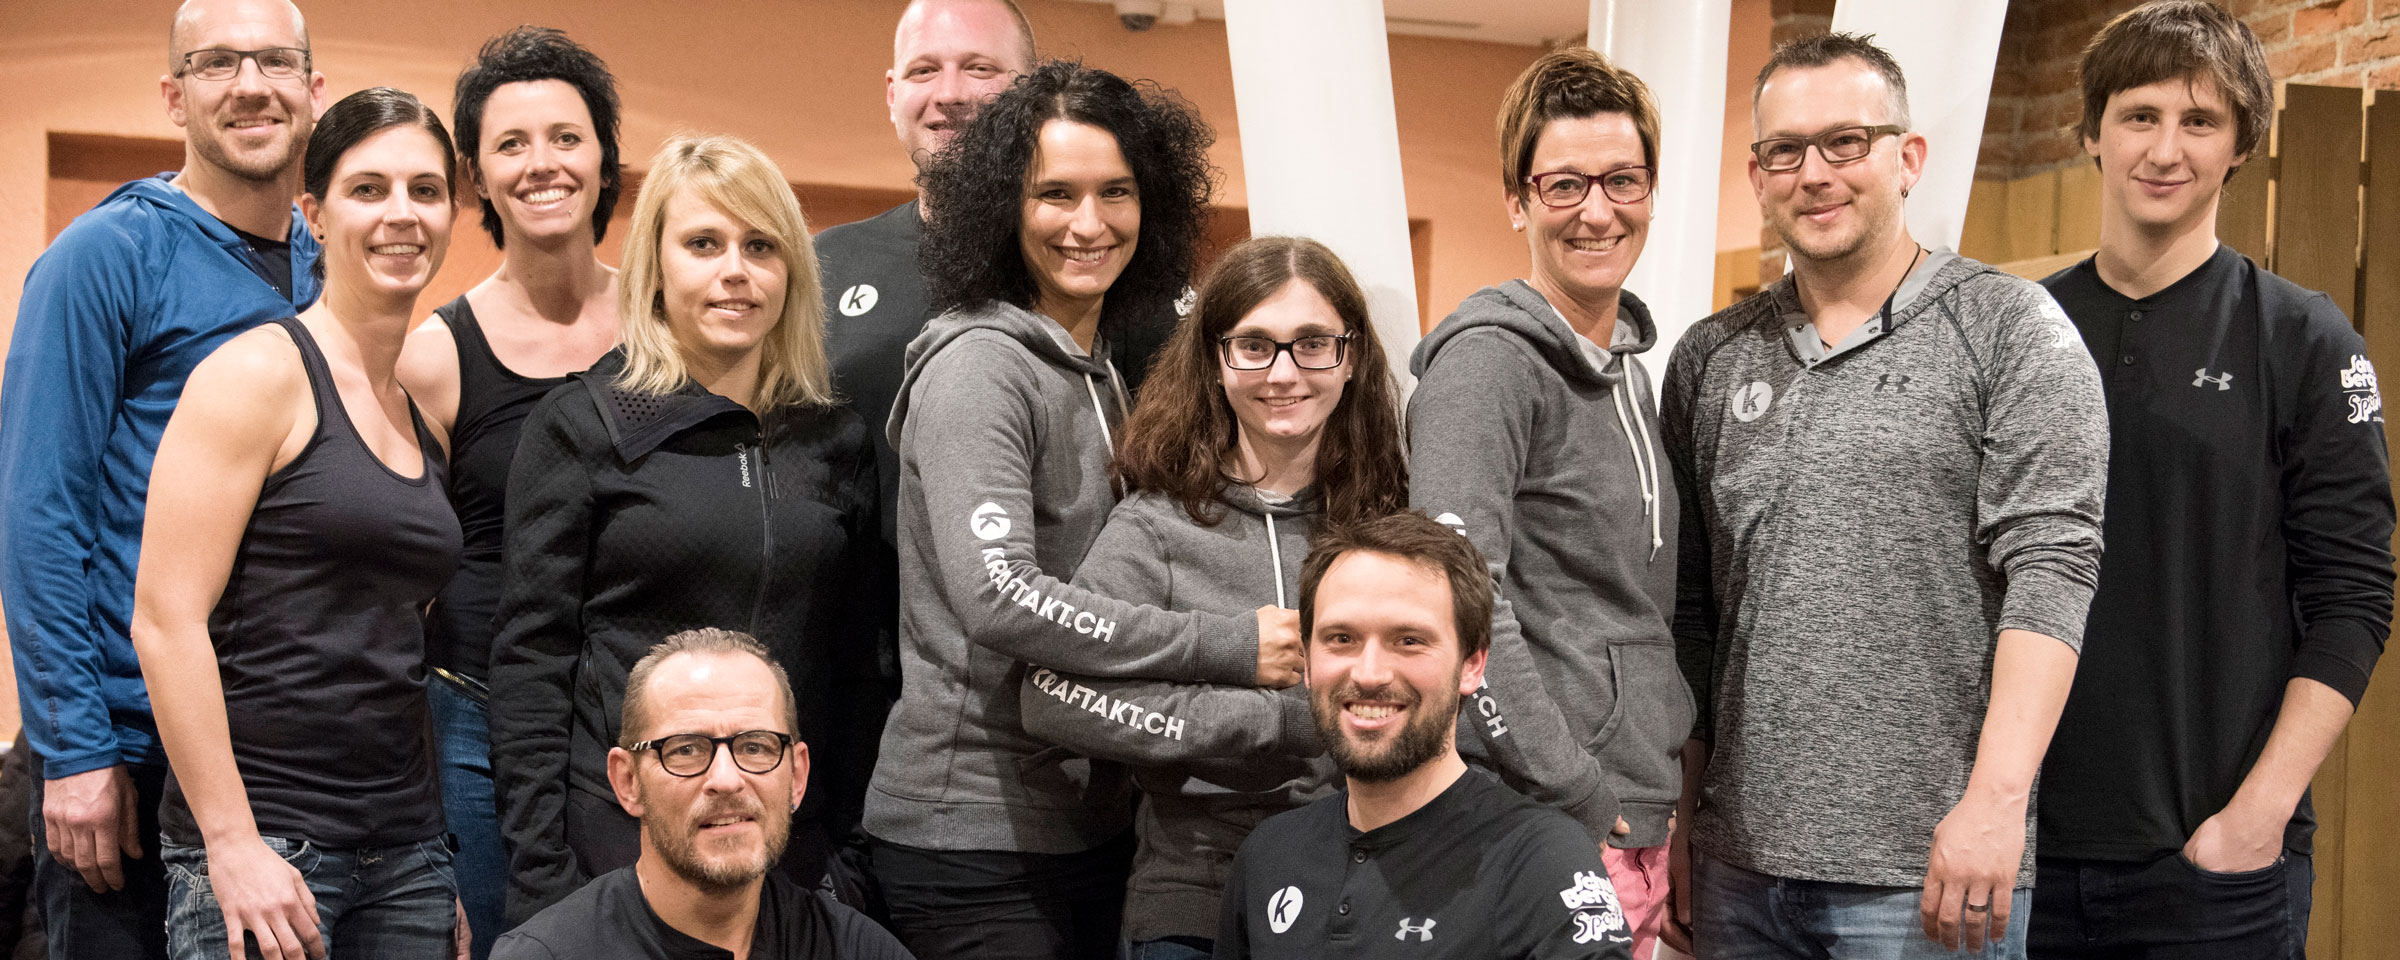 team-kraftakt-2017